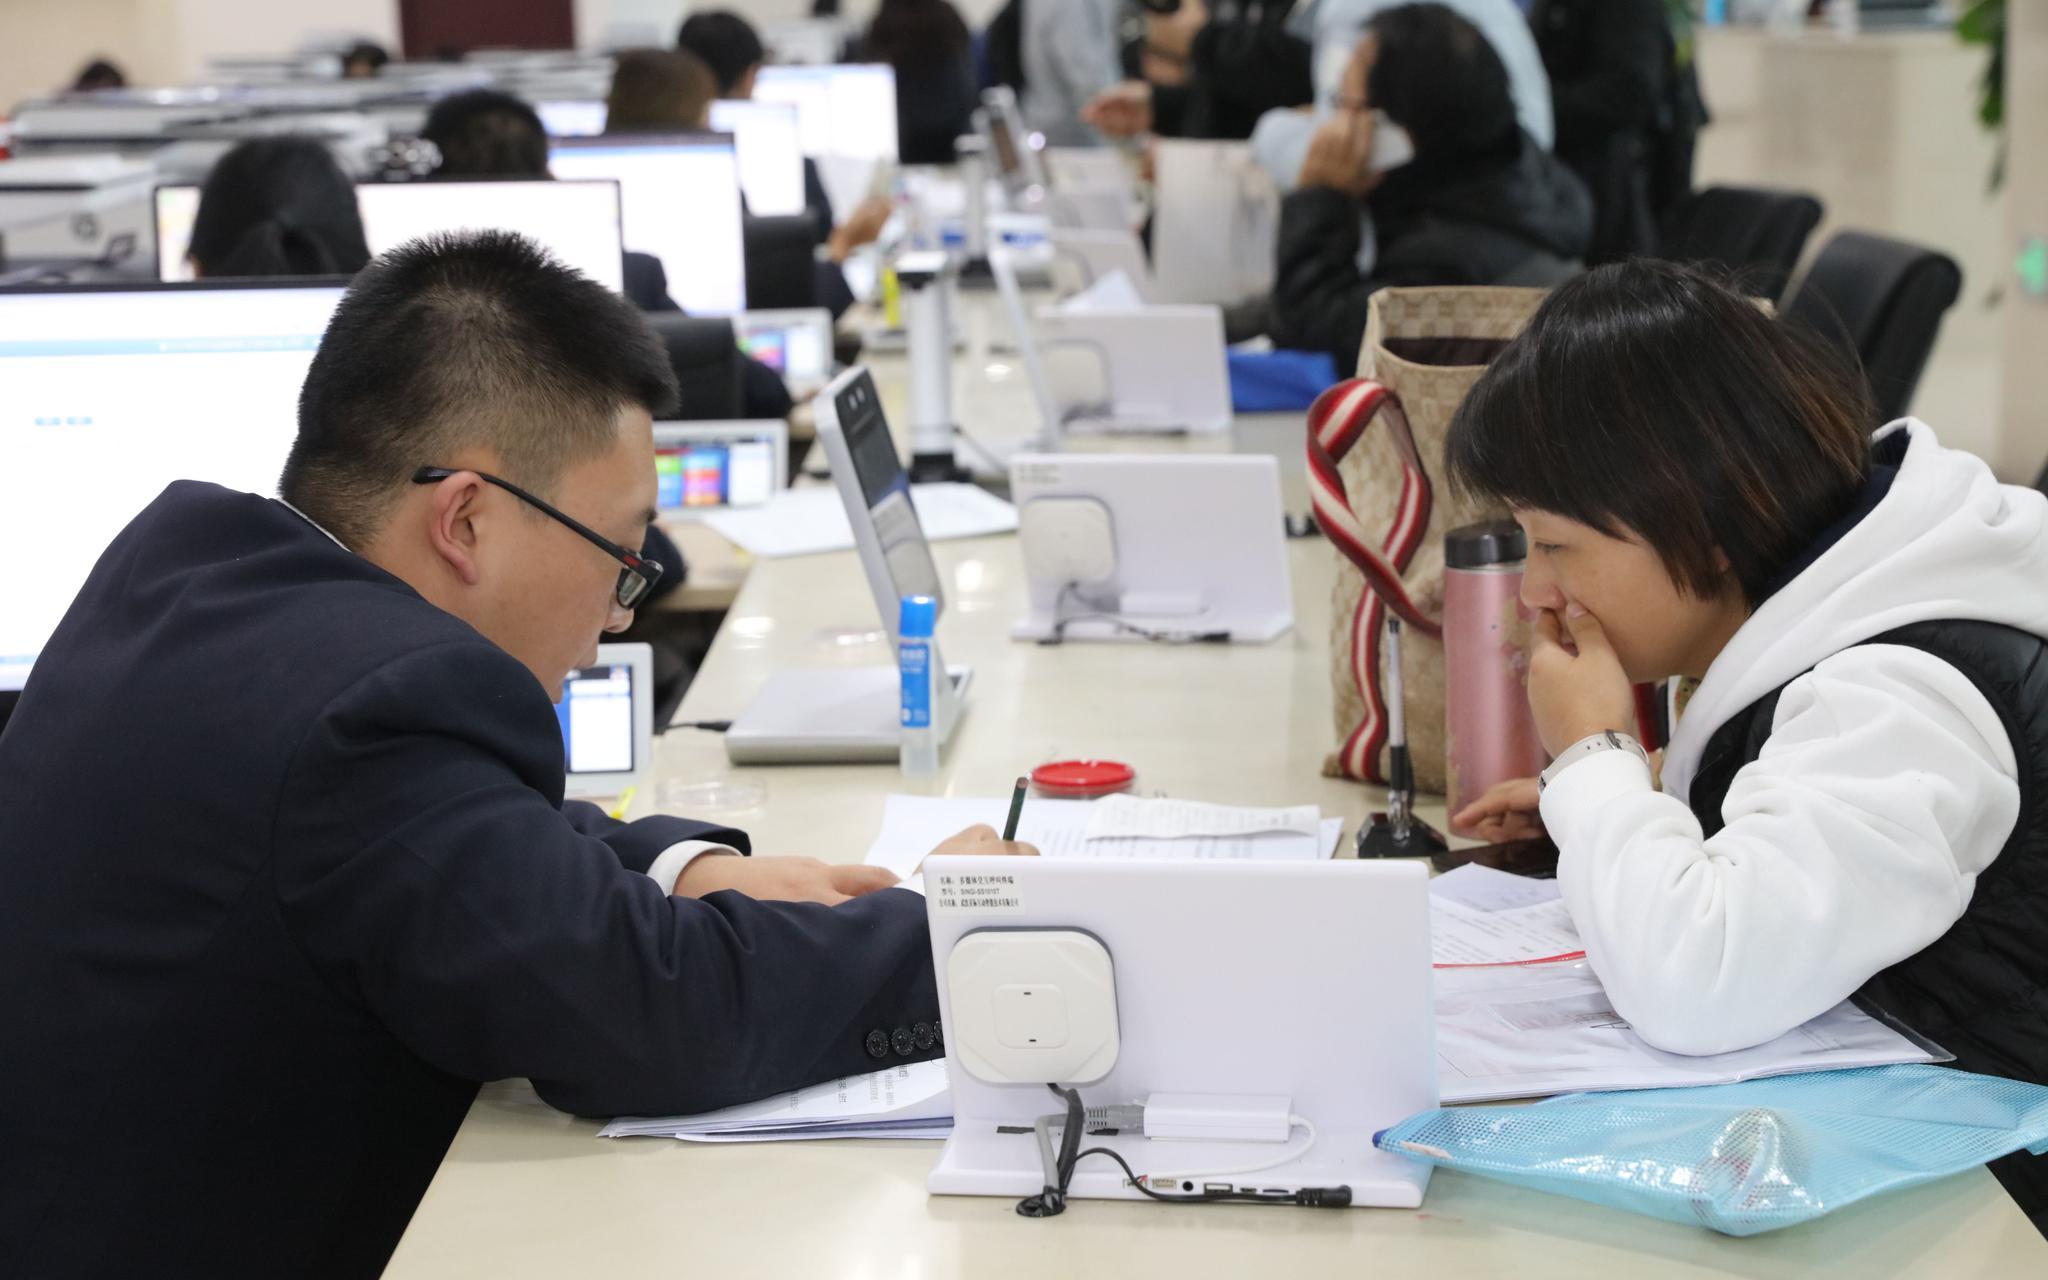 美高梅娱乐注册19|李扬:财政数据最为关键 支出增多、地方财政等问题令人担忧